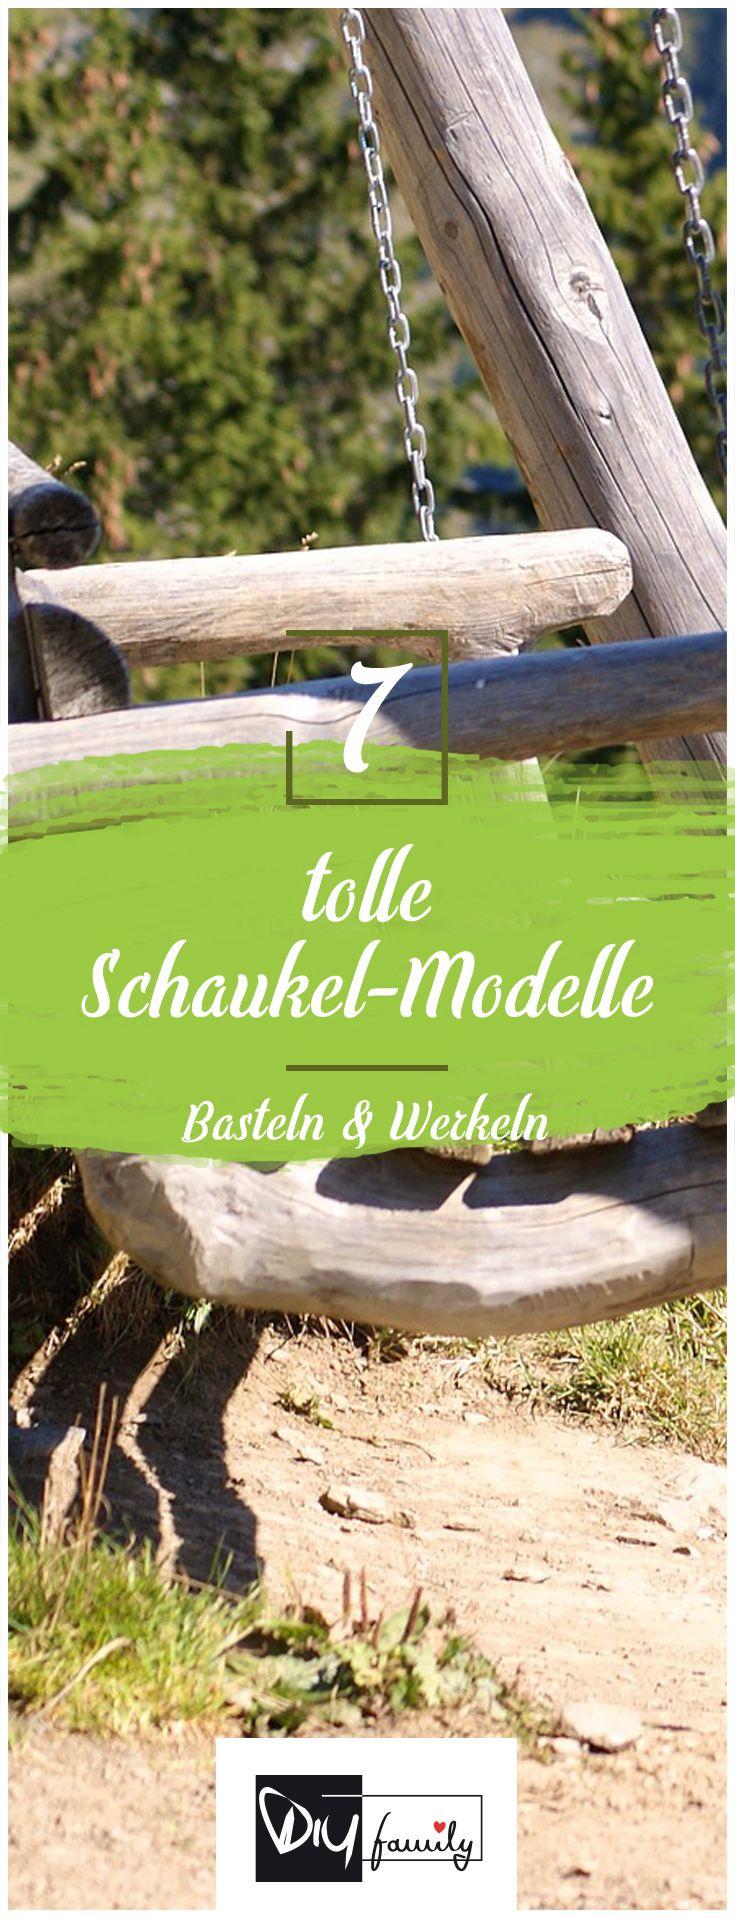 17 Best Ideas About Selber Bauen Schaukel On Pinterest | Schaukel ... 15 Tolle Handgemachte Veranda Schaukel Designs